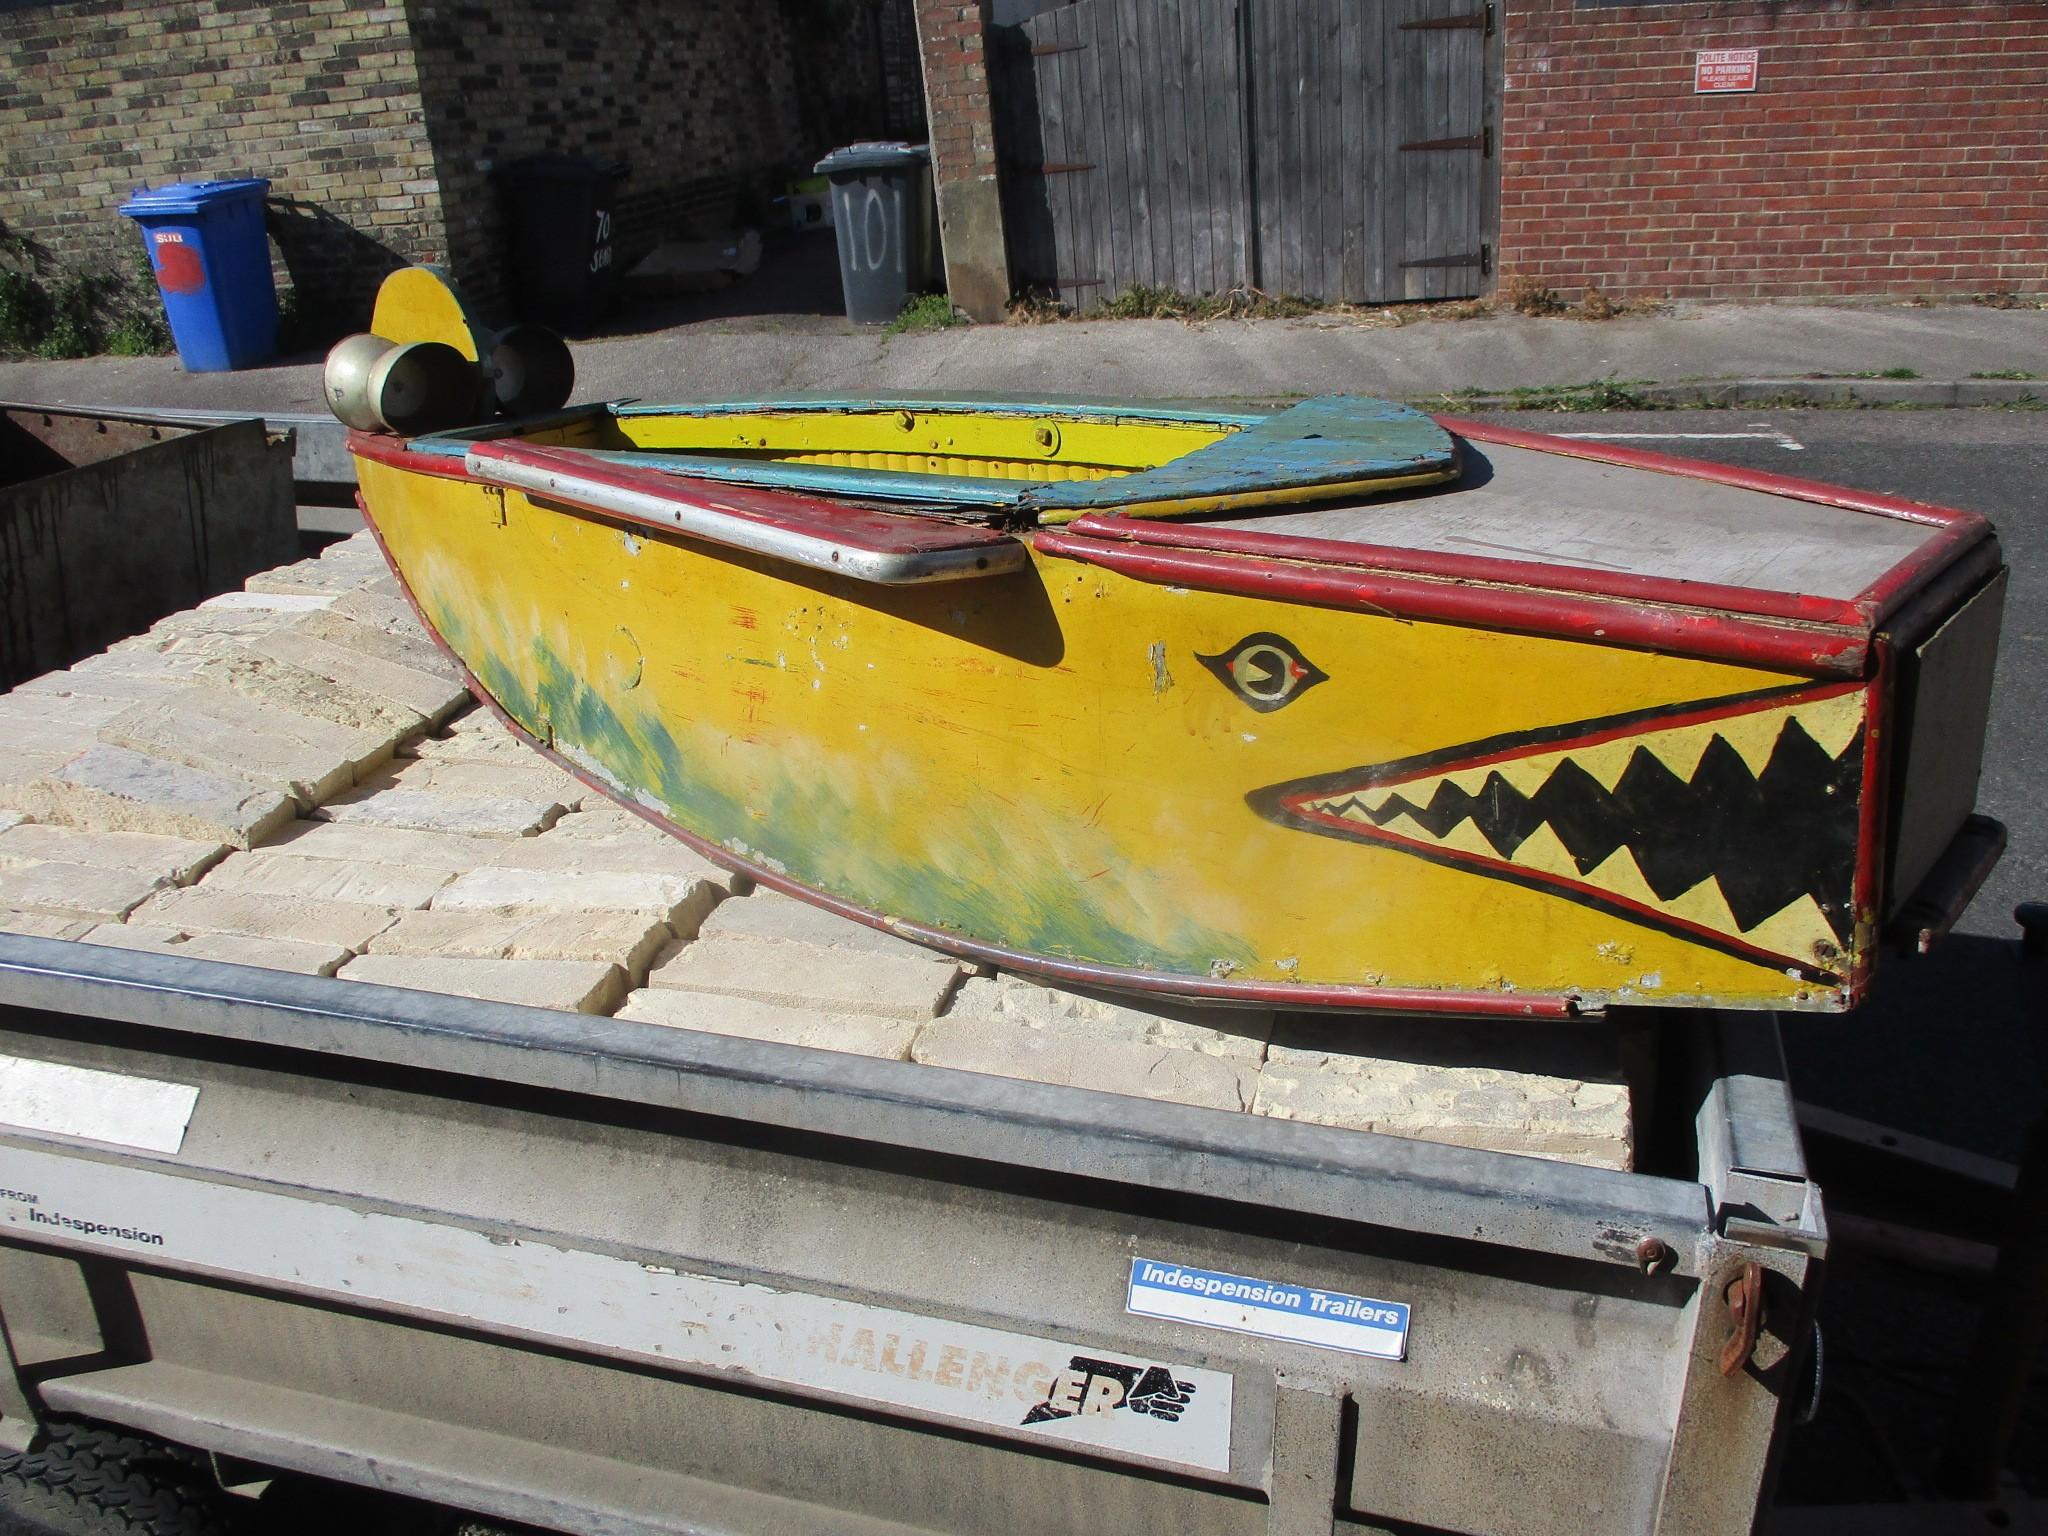 Fairground Bomber Plane 'Shark faced' Boats